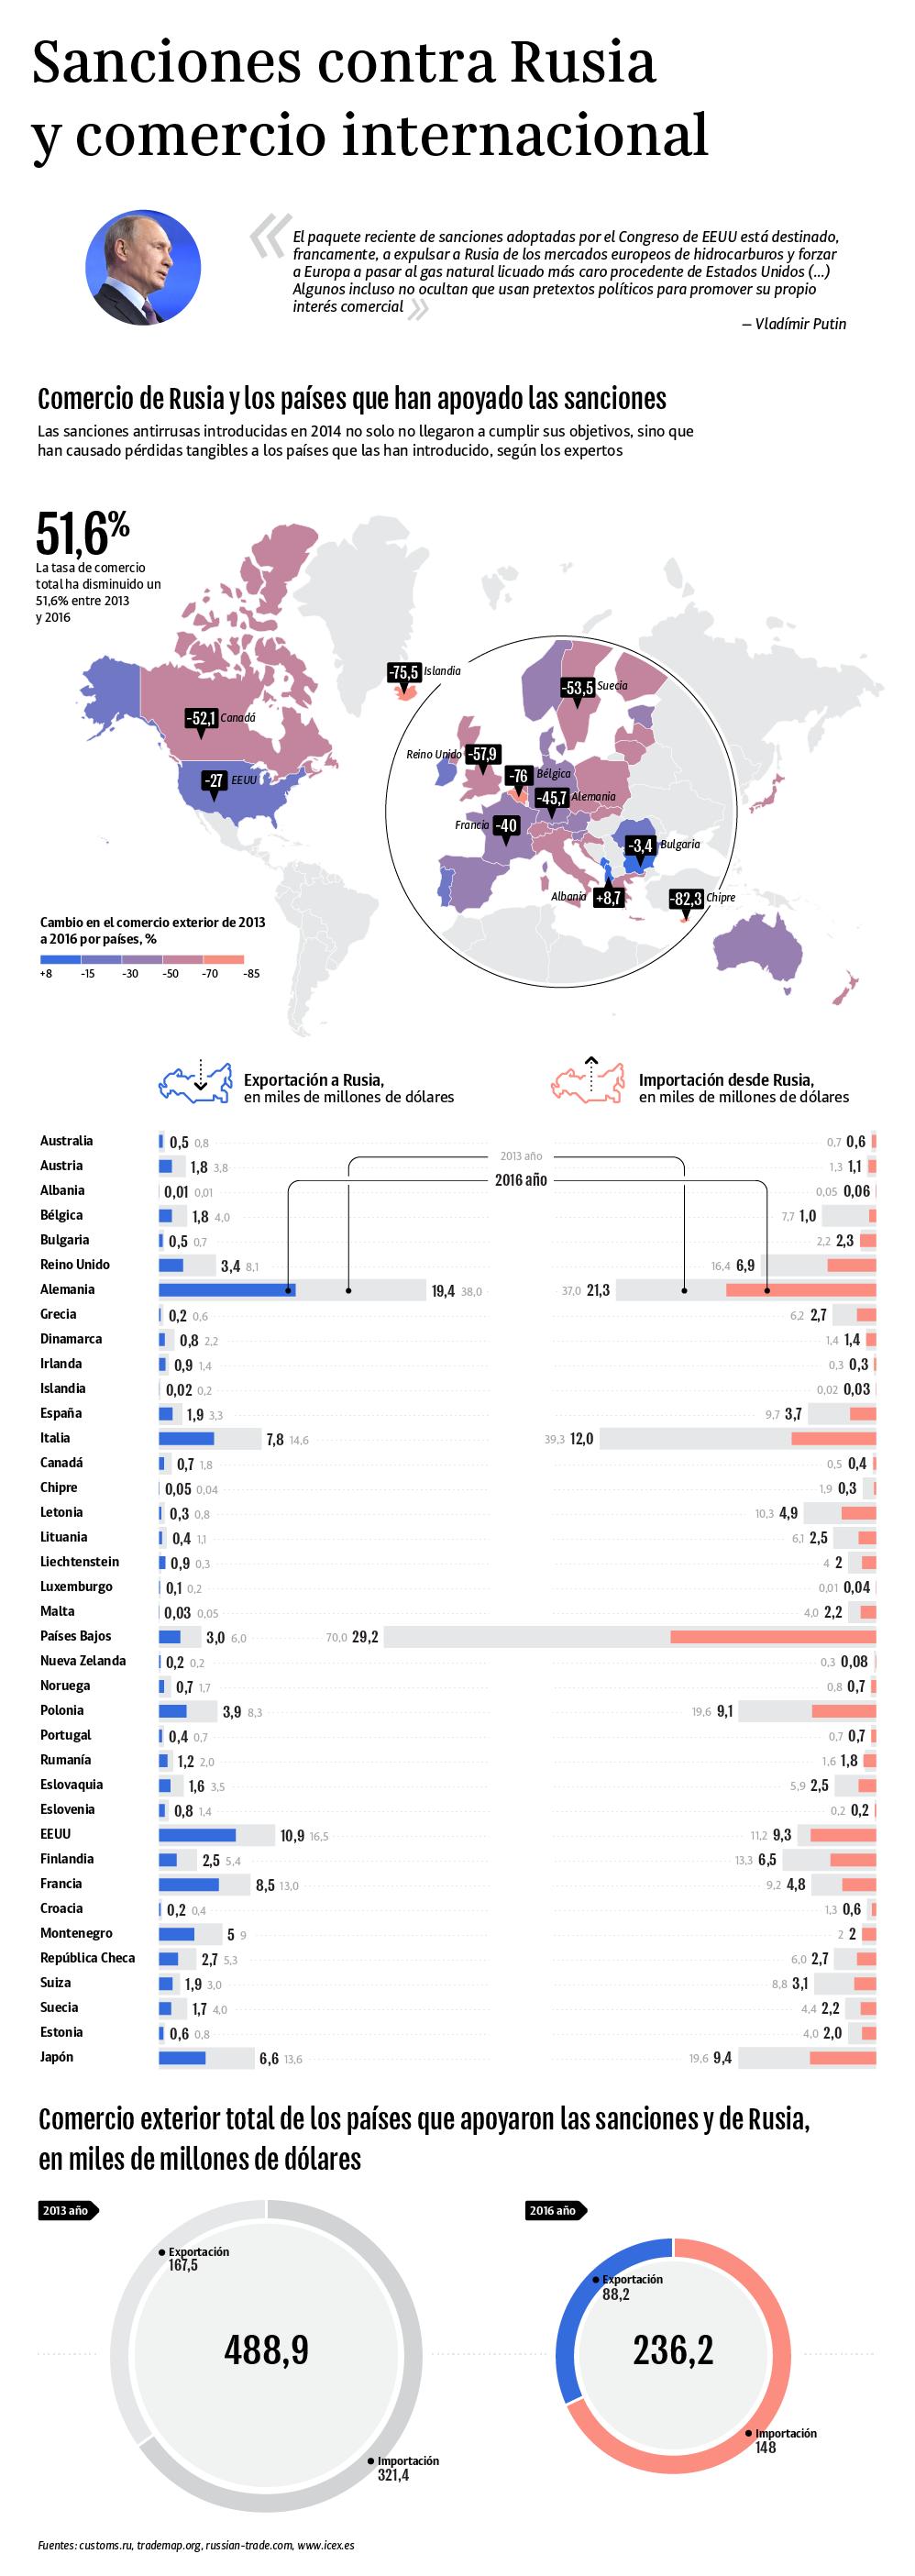 Sanciones contra Rusia y comercio internacional